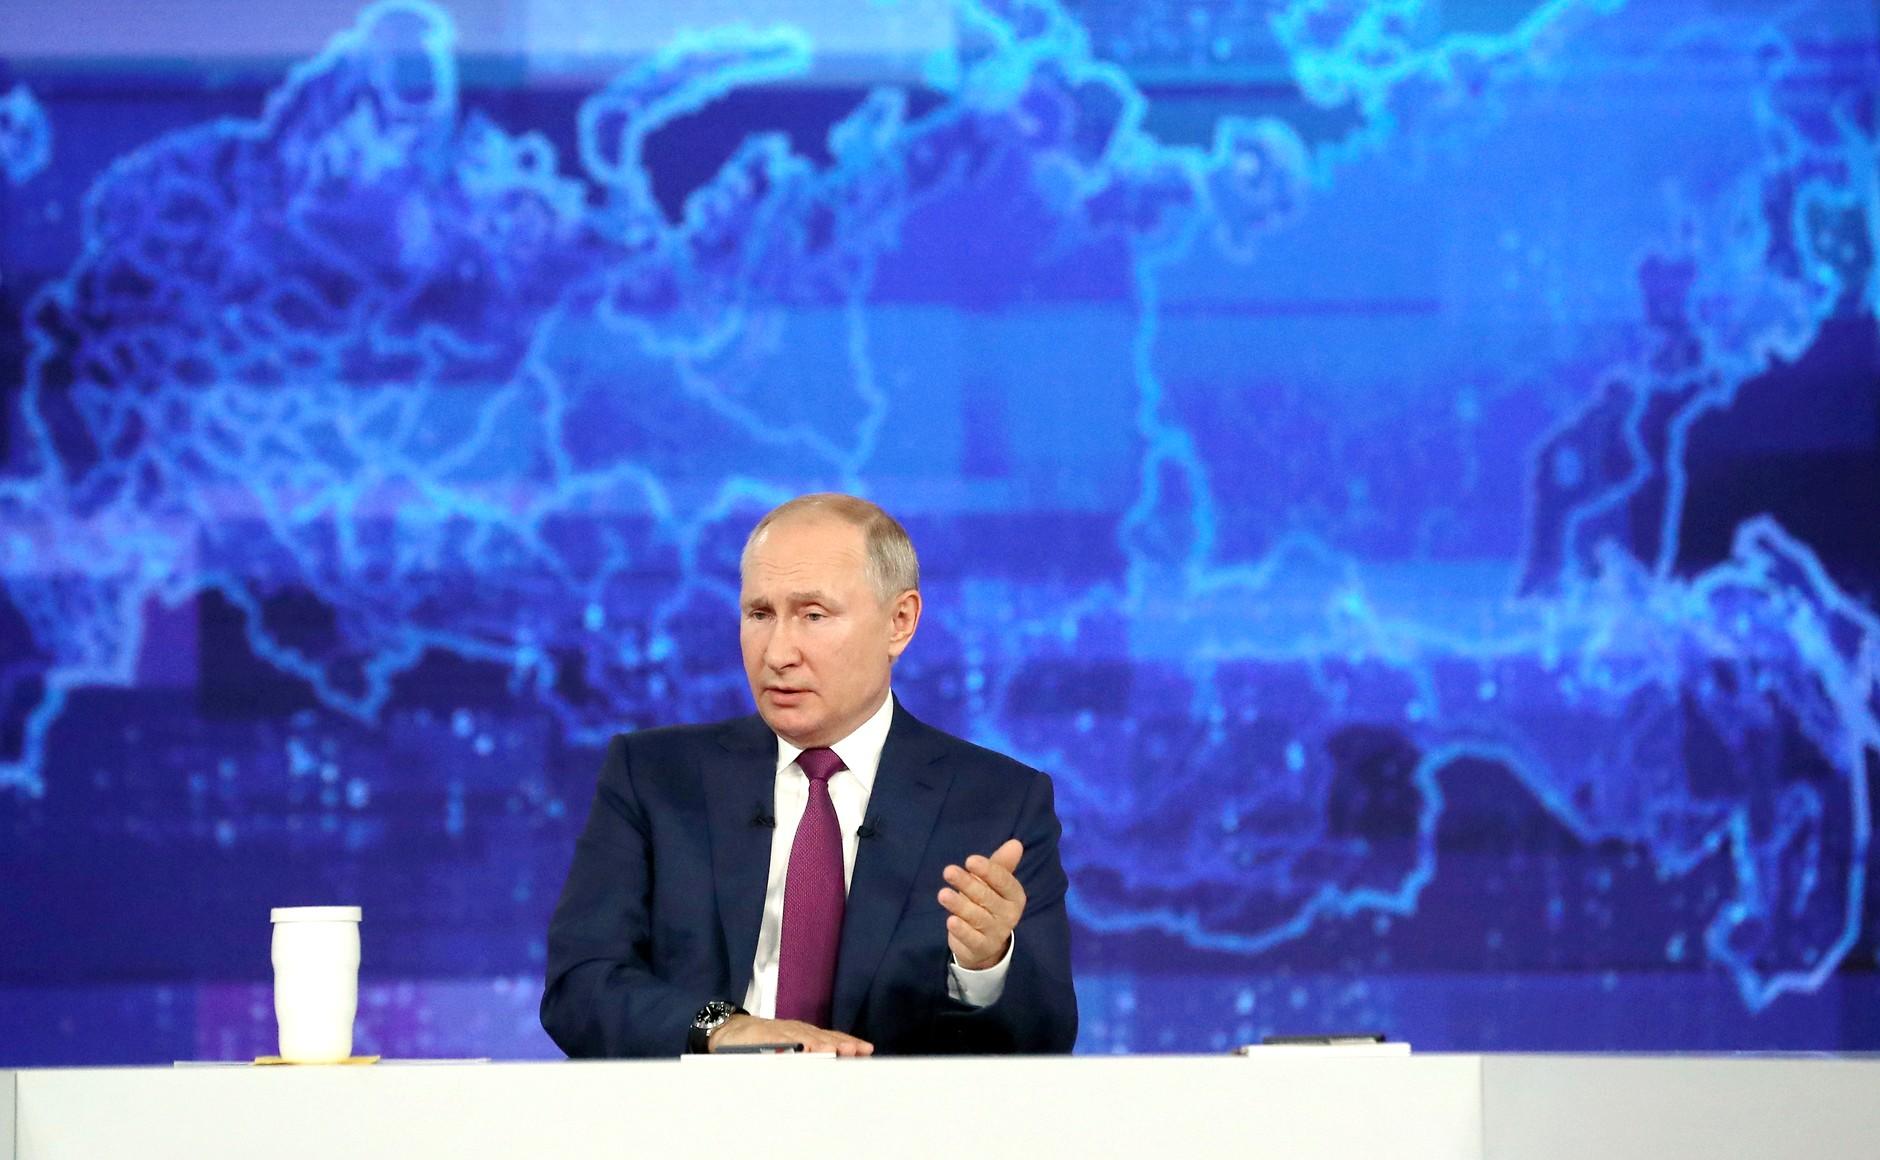 Граждан Японии встревожило заявление Путина об инциденте с эсминцем Defender ВМС Британии